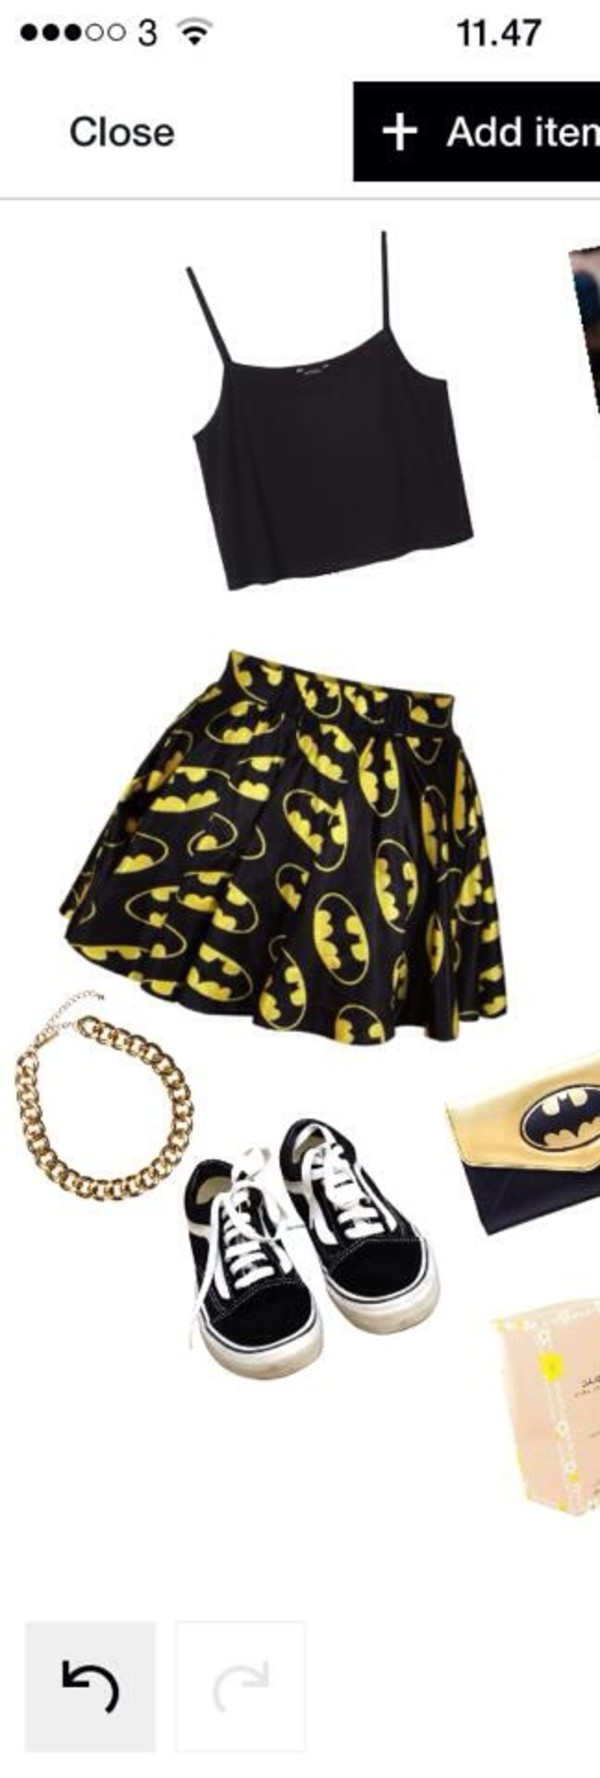 skirt batman top